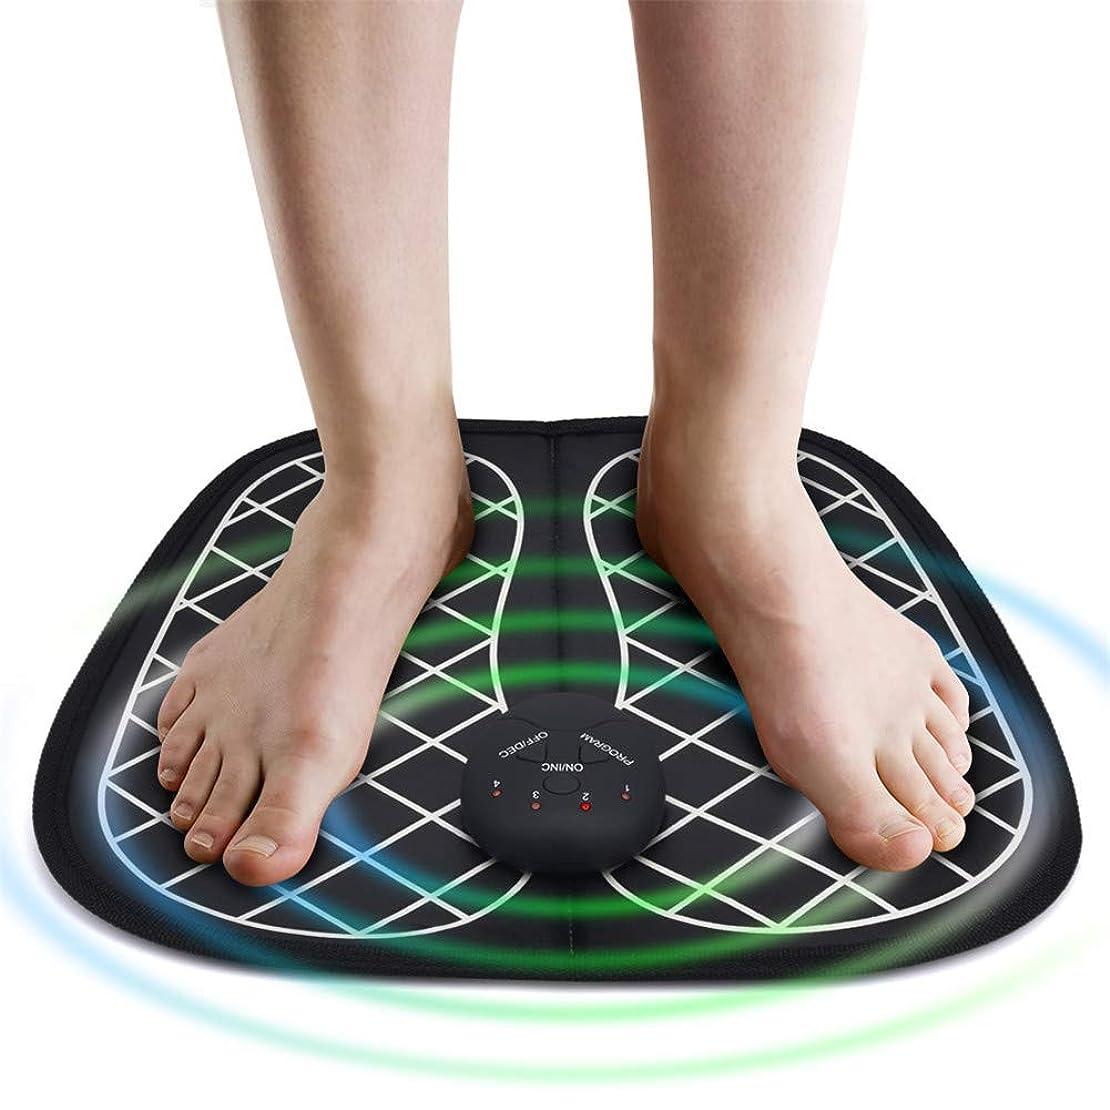 検出可能節約する良い電気フットマッサージャーEMS Abs理学療法若返りフットセラピー多数のワイヤレスフットマッサージャー筋肉刺激装置ユニセックス